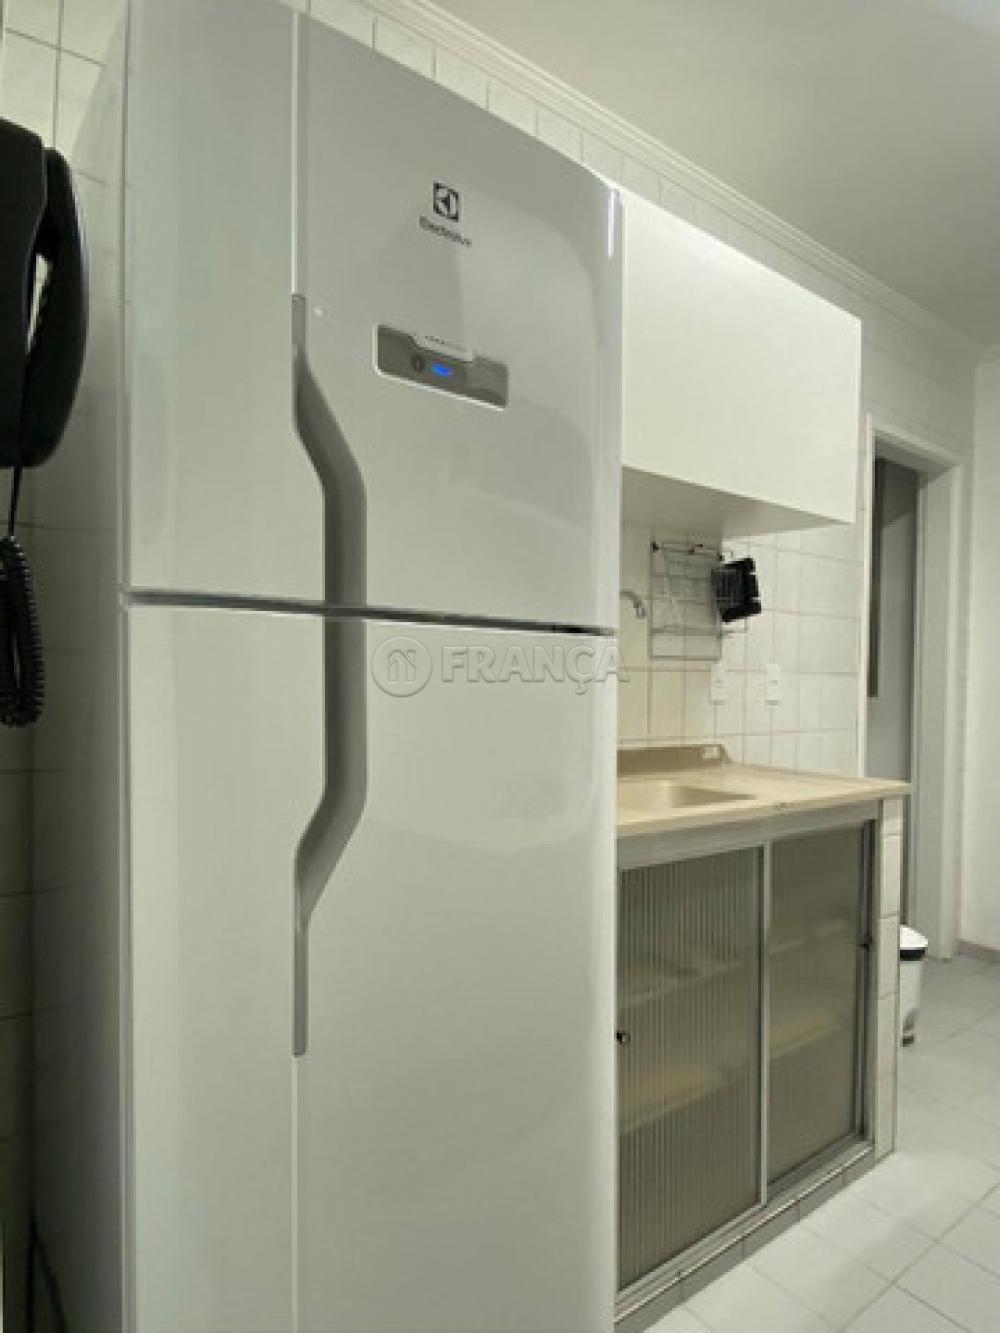 Comprar Apartamento / Padrão em São José dos Campos apenas R$ 198.000,00 - Foto 3